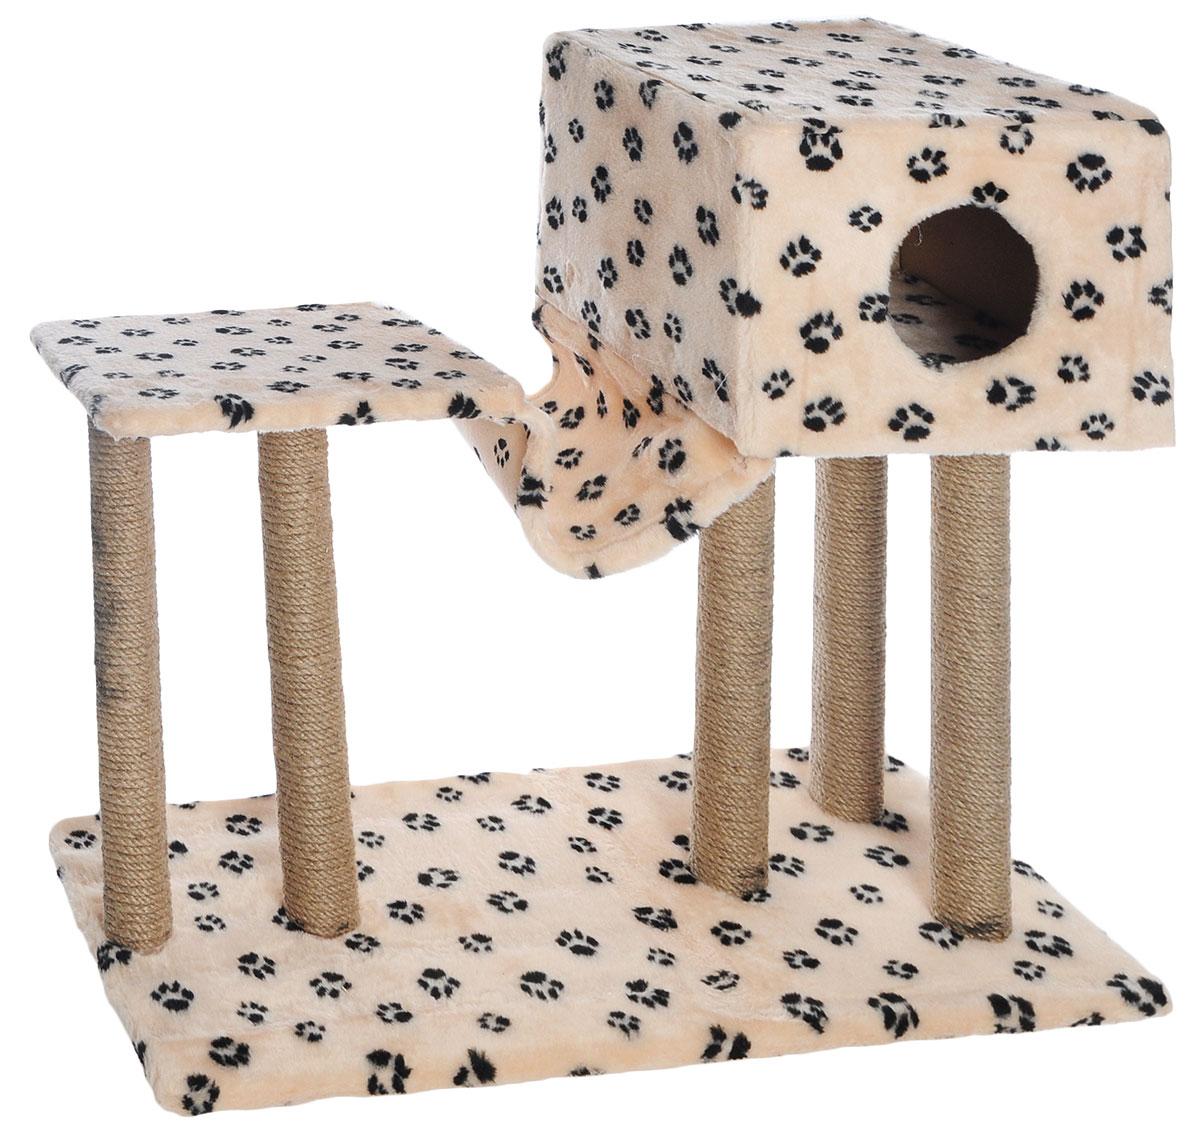 Игровой комплекс для кошек Меридиан, с домиком и гамаком, цвет: бежевый, черный, 90 х 40 х 80 смД126 Ла_бежевый, черные лапкиИгровой комплекс для кошек Меридиан выполнен из высококачественного ДВП и ДСП и обтянут искусственным мехом. Изделие предназначено для кошек. Ваш домашний питомец будет с удовольствием точить когти о специальные столбики, изготовленные из джута. А отдохнуть он сможет в домике, на полках или в удобном гамаке. Общий размер: 90 х 40 х 80 см. Размер основания: 90 х 40 см. Высота полки: 53 см. Размер домика: 40 х 40 х 28 см. Размер полки: 39 х 39 см.